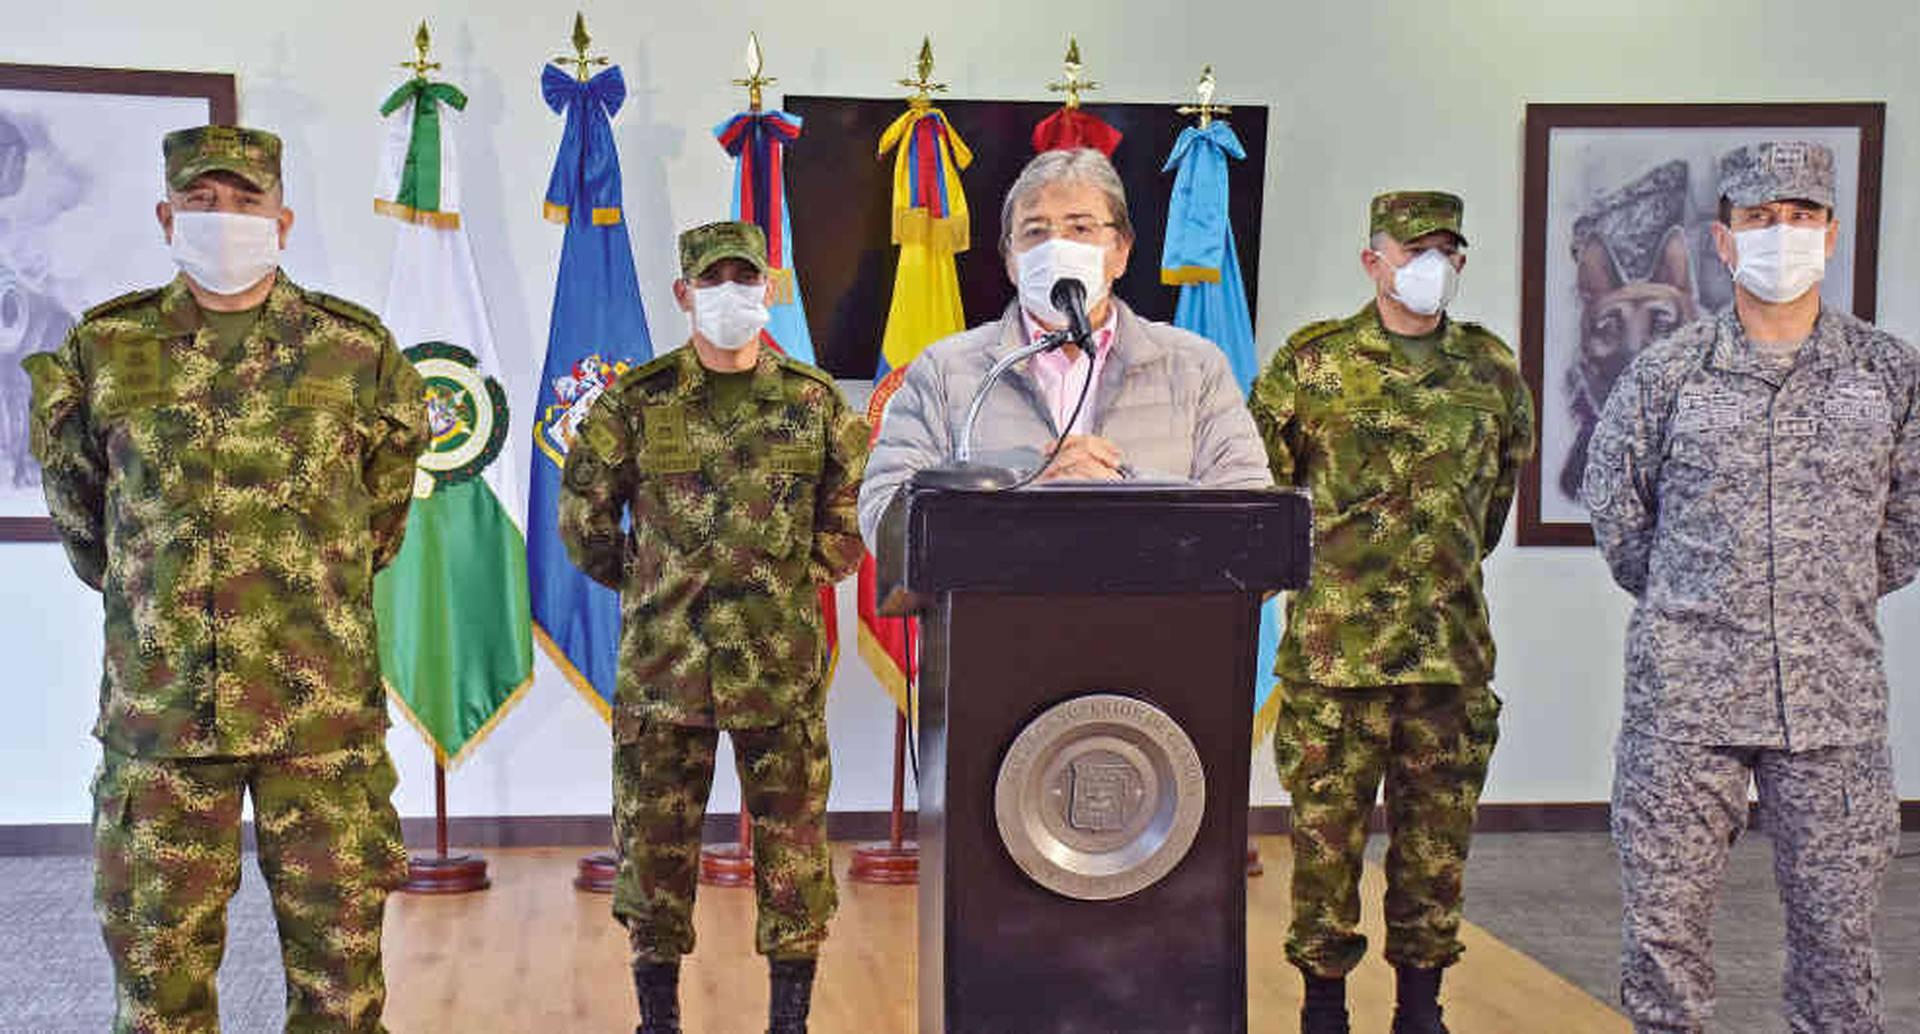 El ministro de Defensa, Carlos Holmes Trujillo, y la cúpula militar ofrecieron una rueda de prensa para informar el retiro de 11 oficiales del Ejército producto de las denuncias sobre irregularidades en las operaciones de inteligencia.